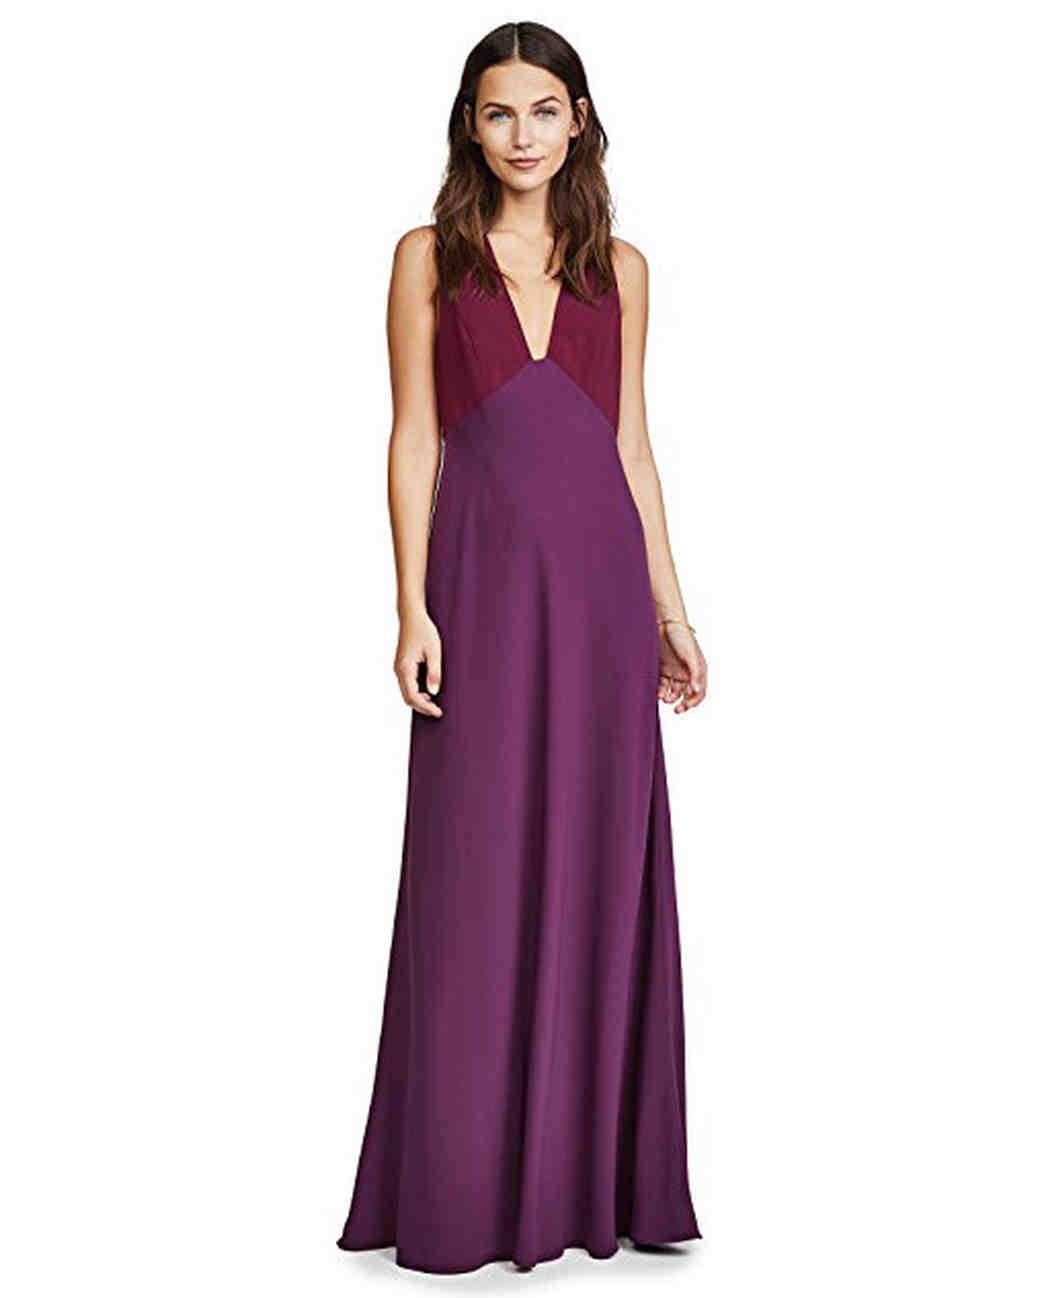 Jill Jill Stuart Two-Tone Gown